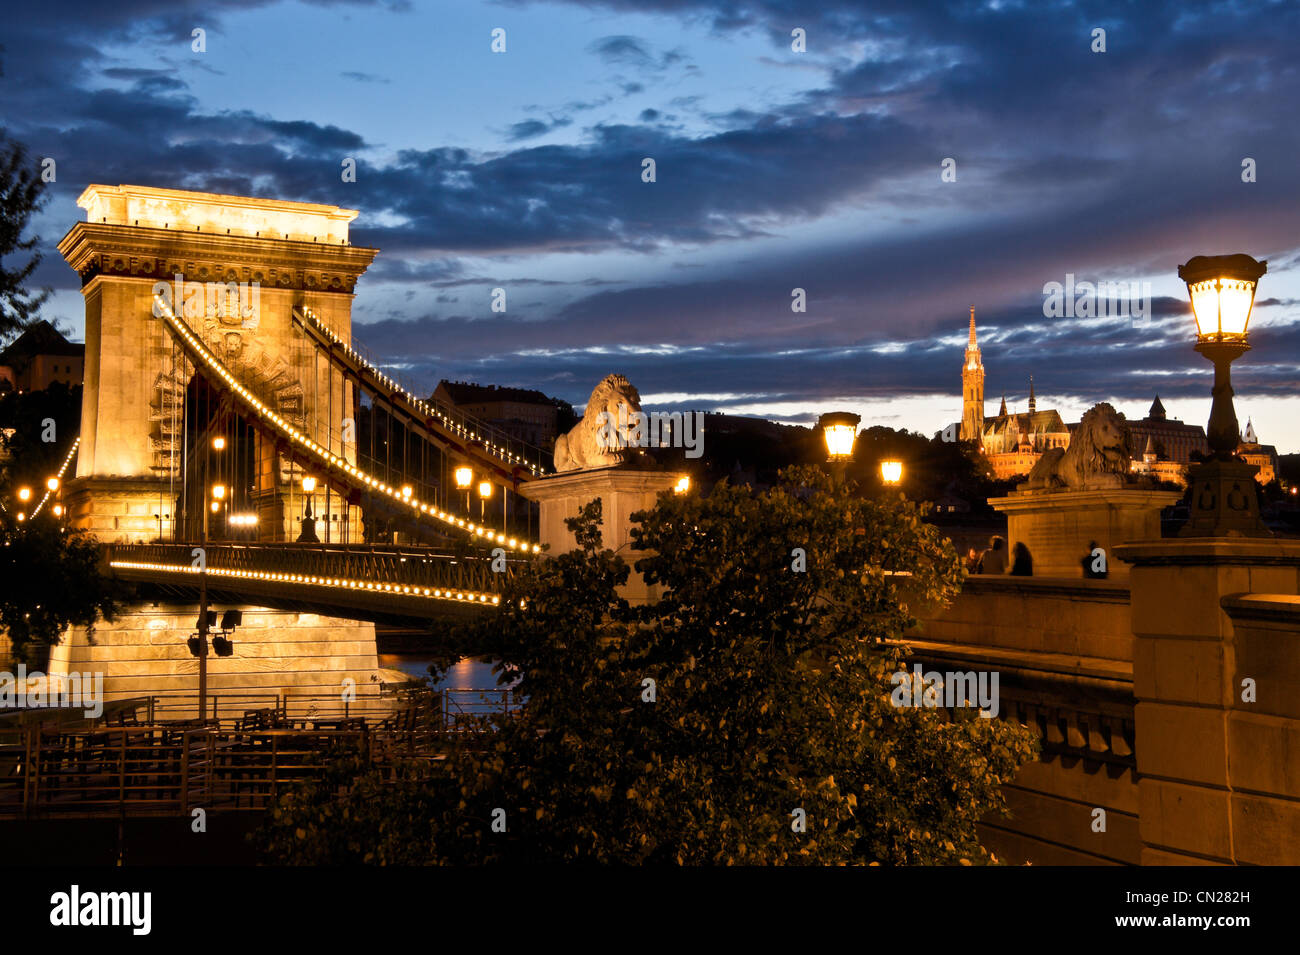 Chain Bridge,dusk,Budapest,Hungary. - Stock Image